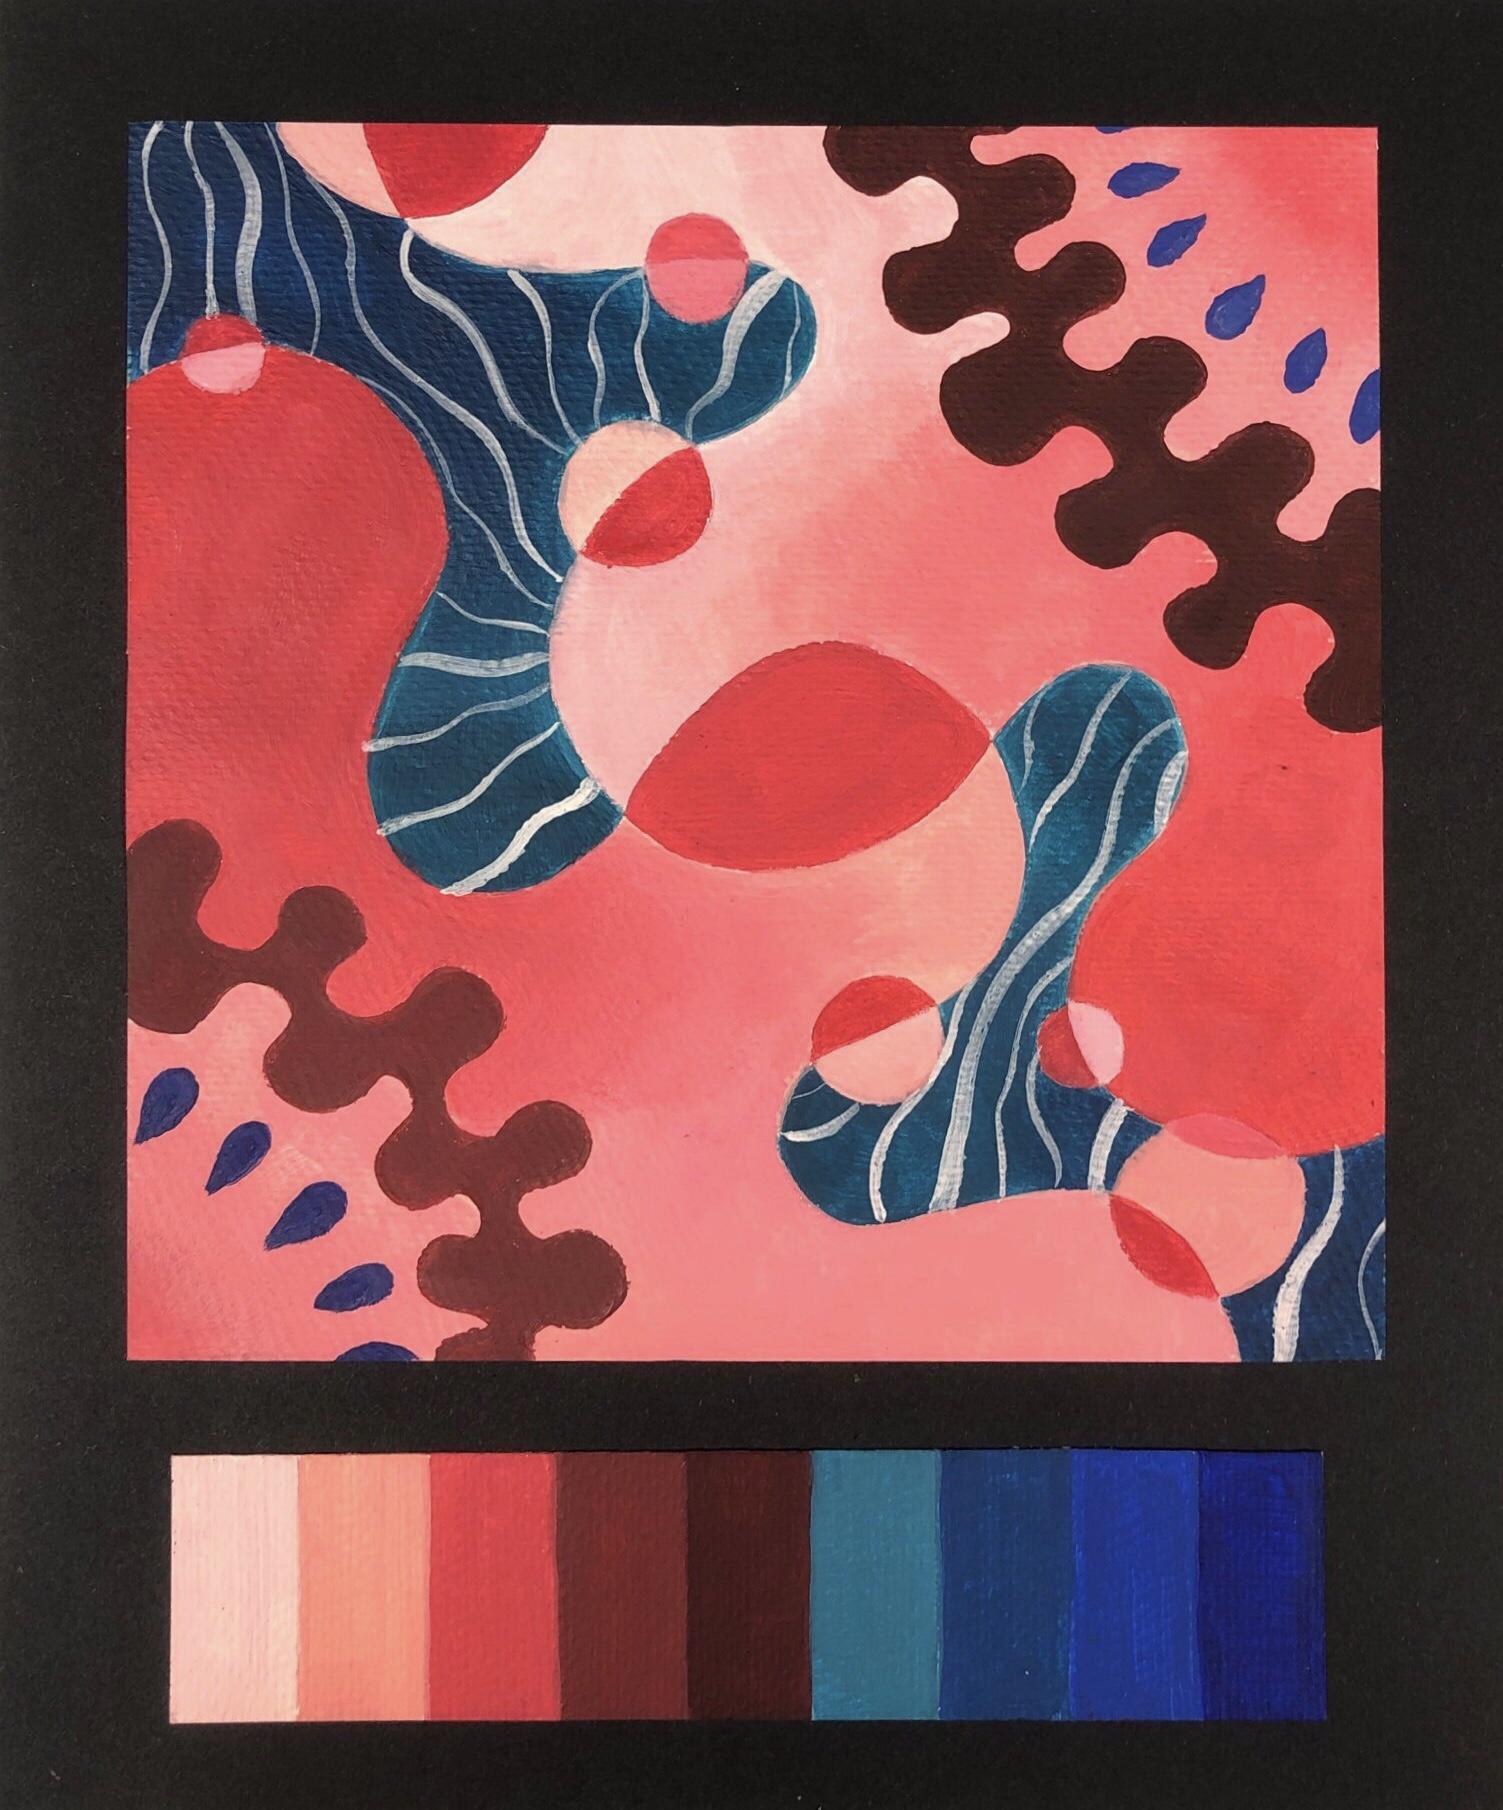 色彩构成纯度渐变作业_色彩构成|平面|图案|ApocalypseAH - 原创作品 - 站酷 (ZCOOL)